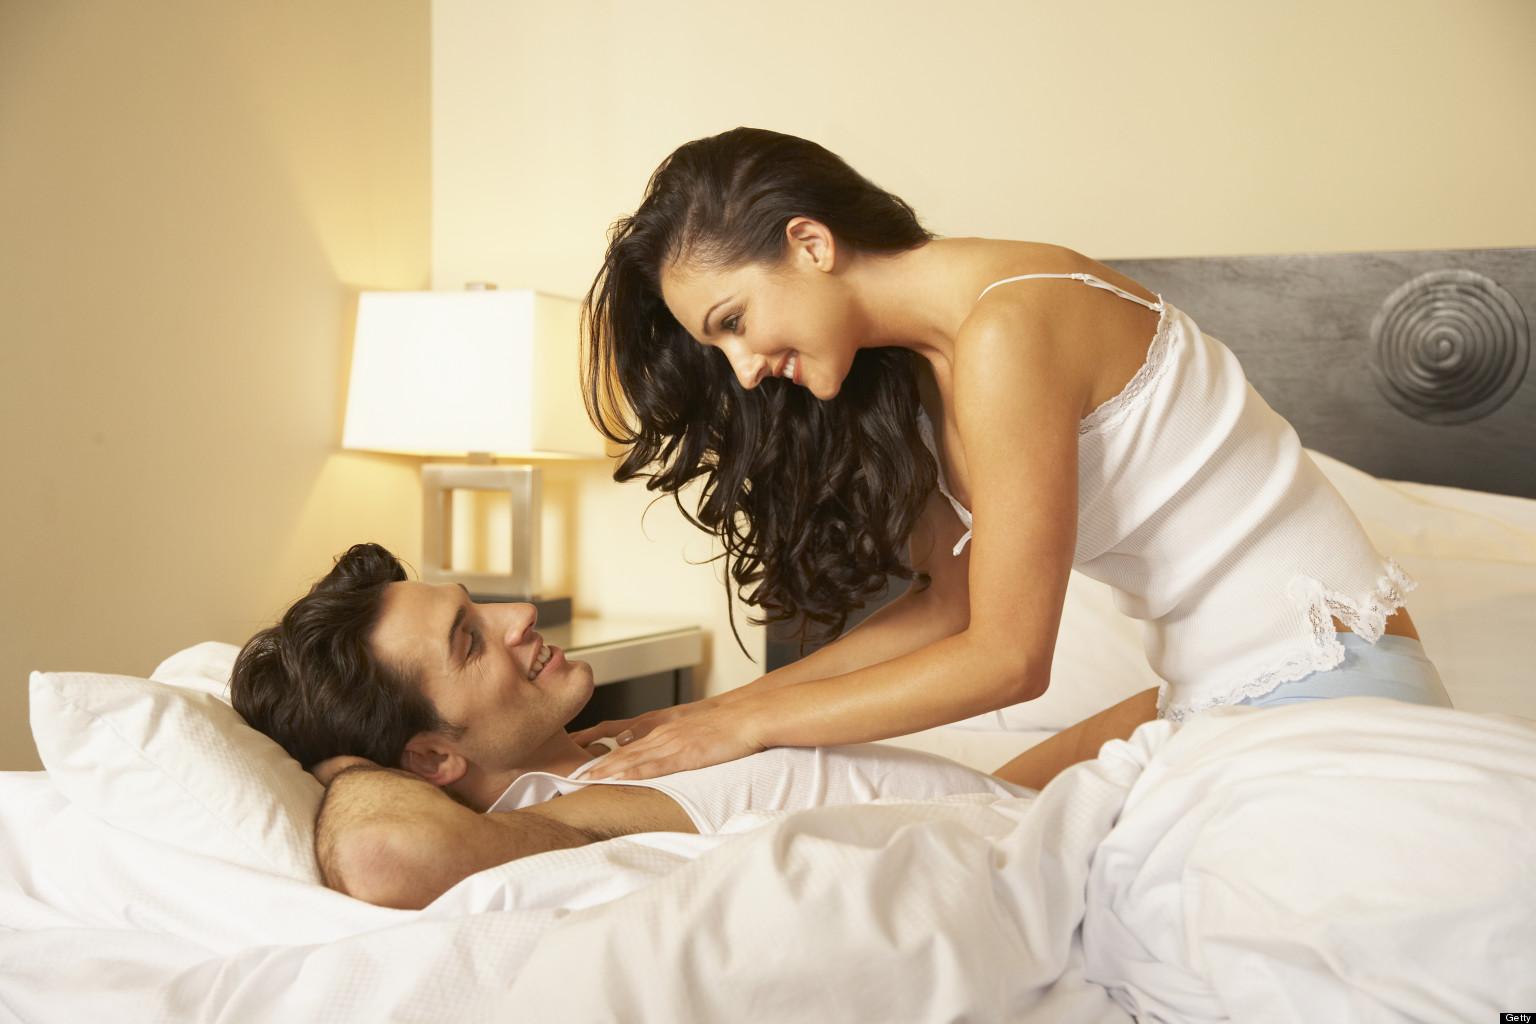 Что не должен делать в постели мужчина с женщиной 12 фотография